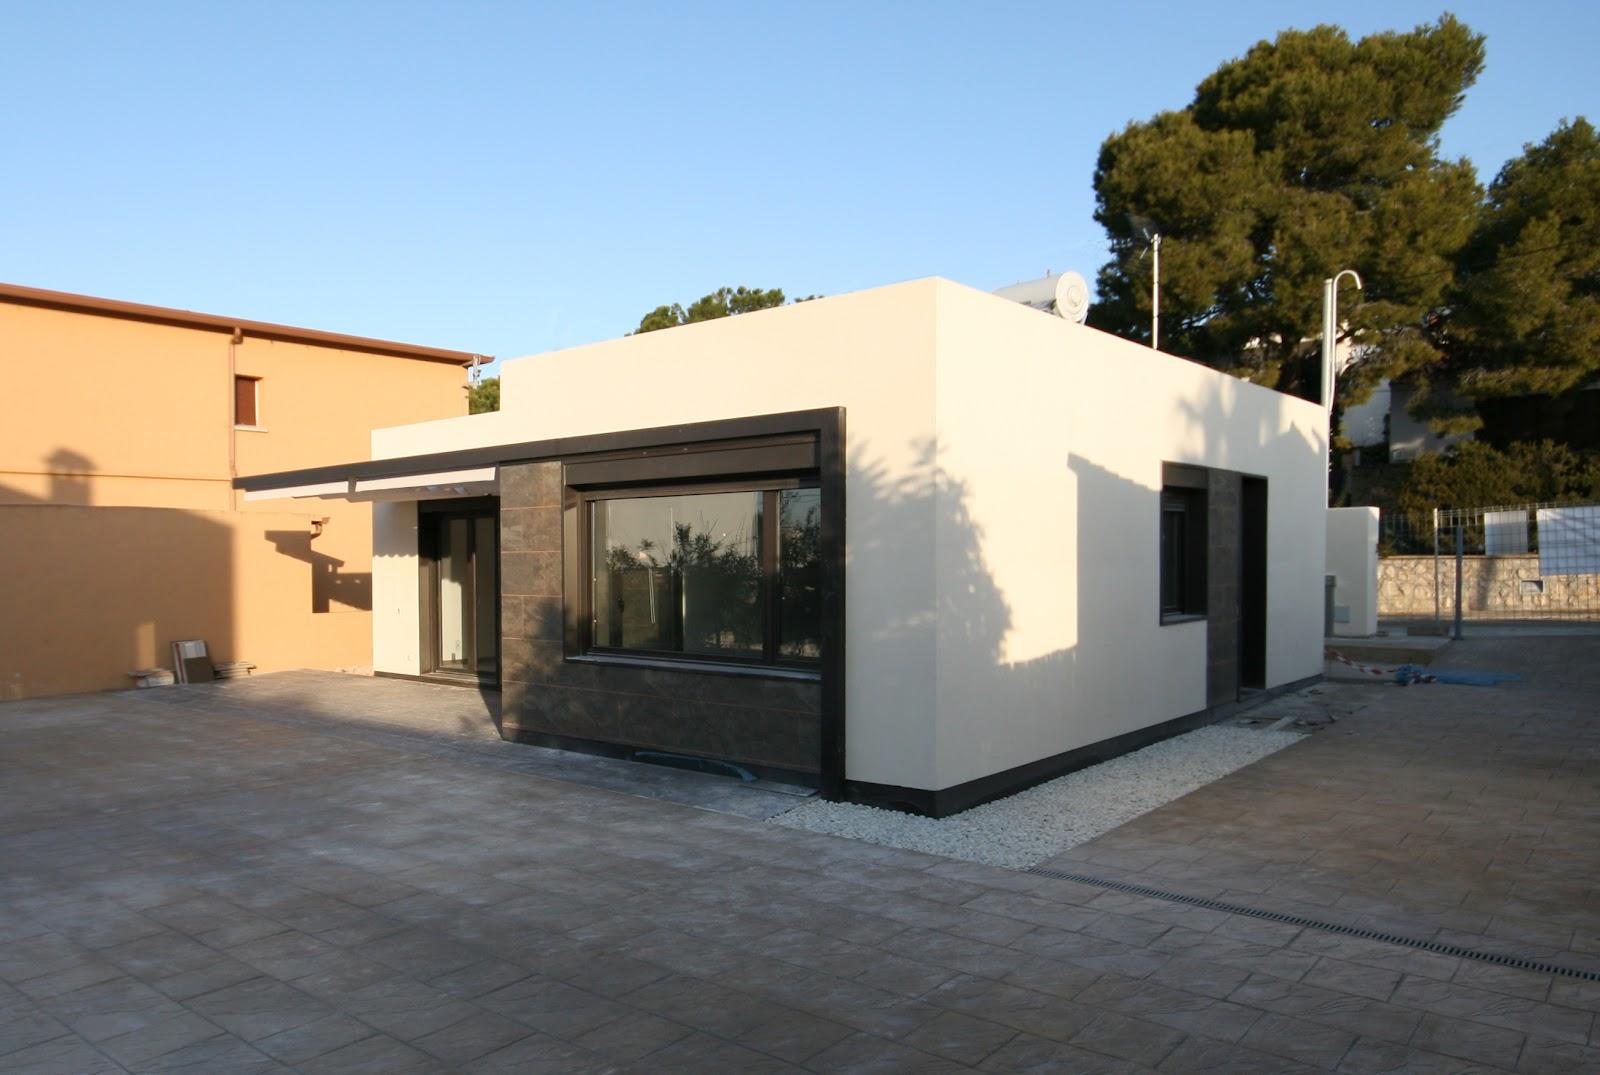 Casas modulares blochouse finalizadas las obras en calafell - Casa prefabricada diseno ...